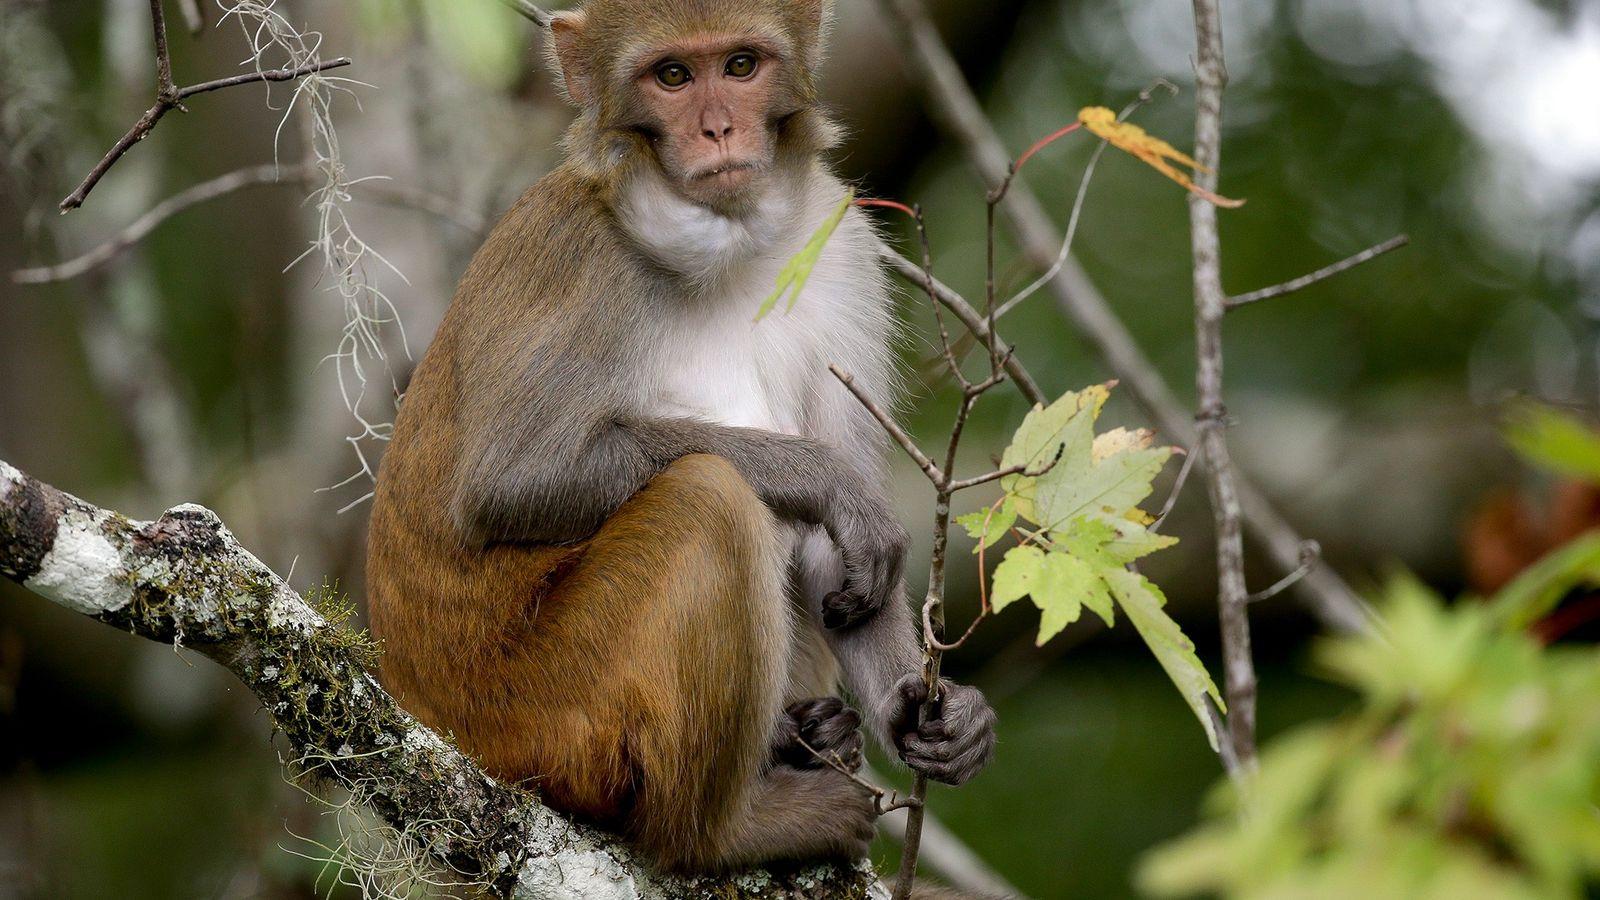 Gestores da vida selvagem na Flórida dizem que querem remover os macacos errantes, como este no ...